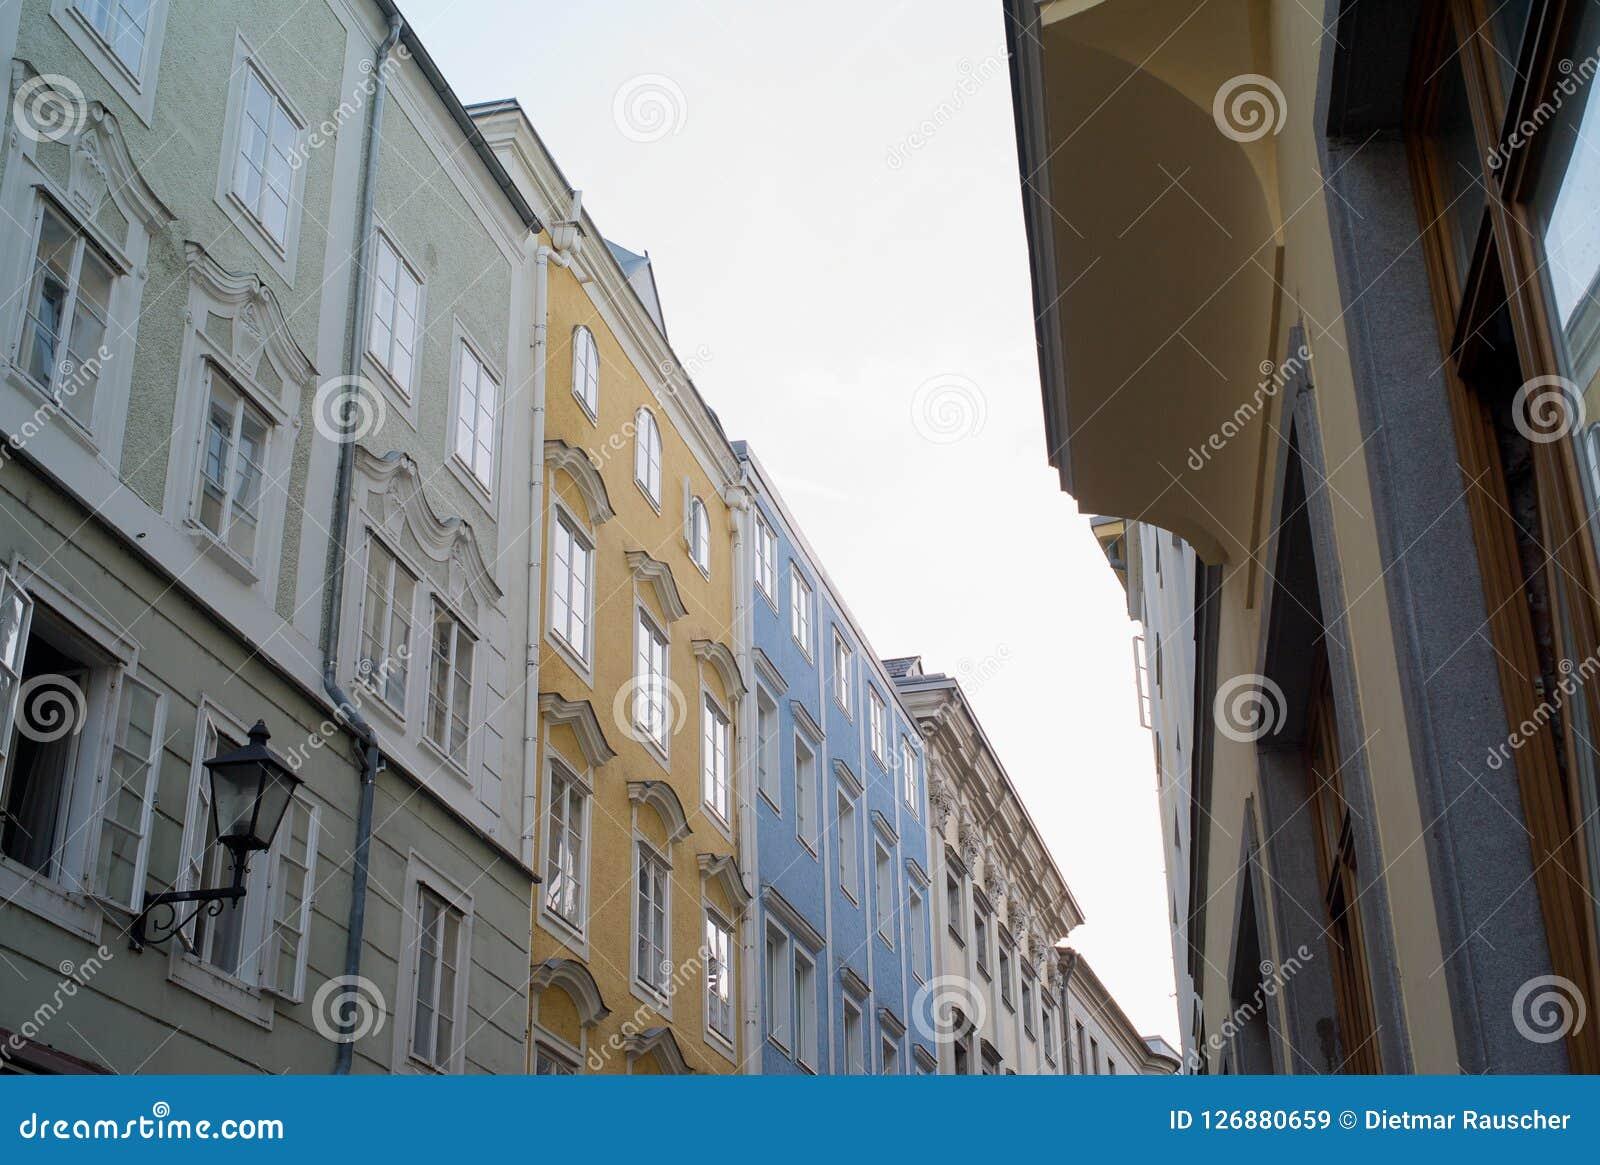 Ένας υπόλοιπος κόσμος των σπιτιών στην παλαιά πόλη του Λιντς, Αυστρία